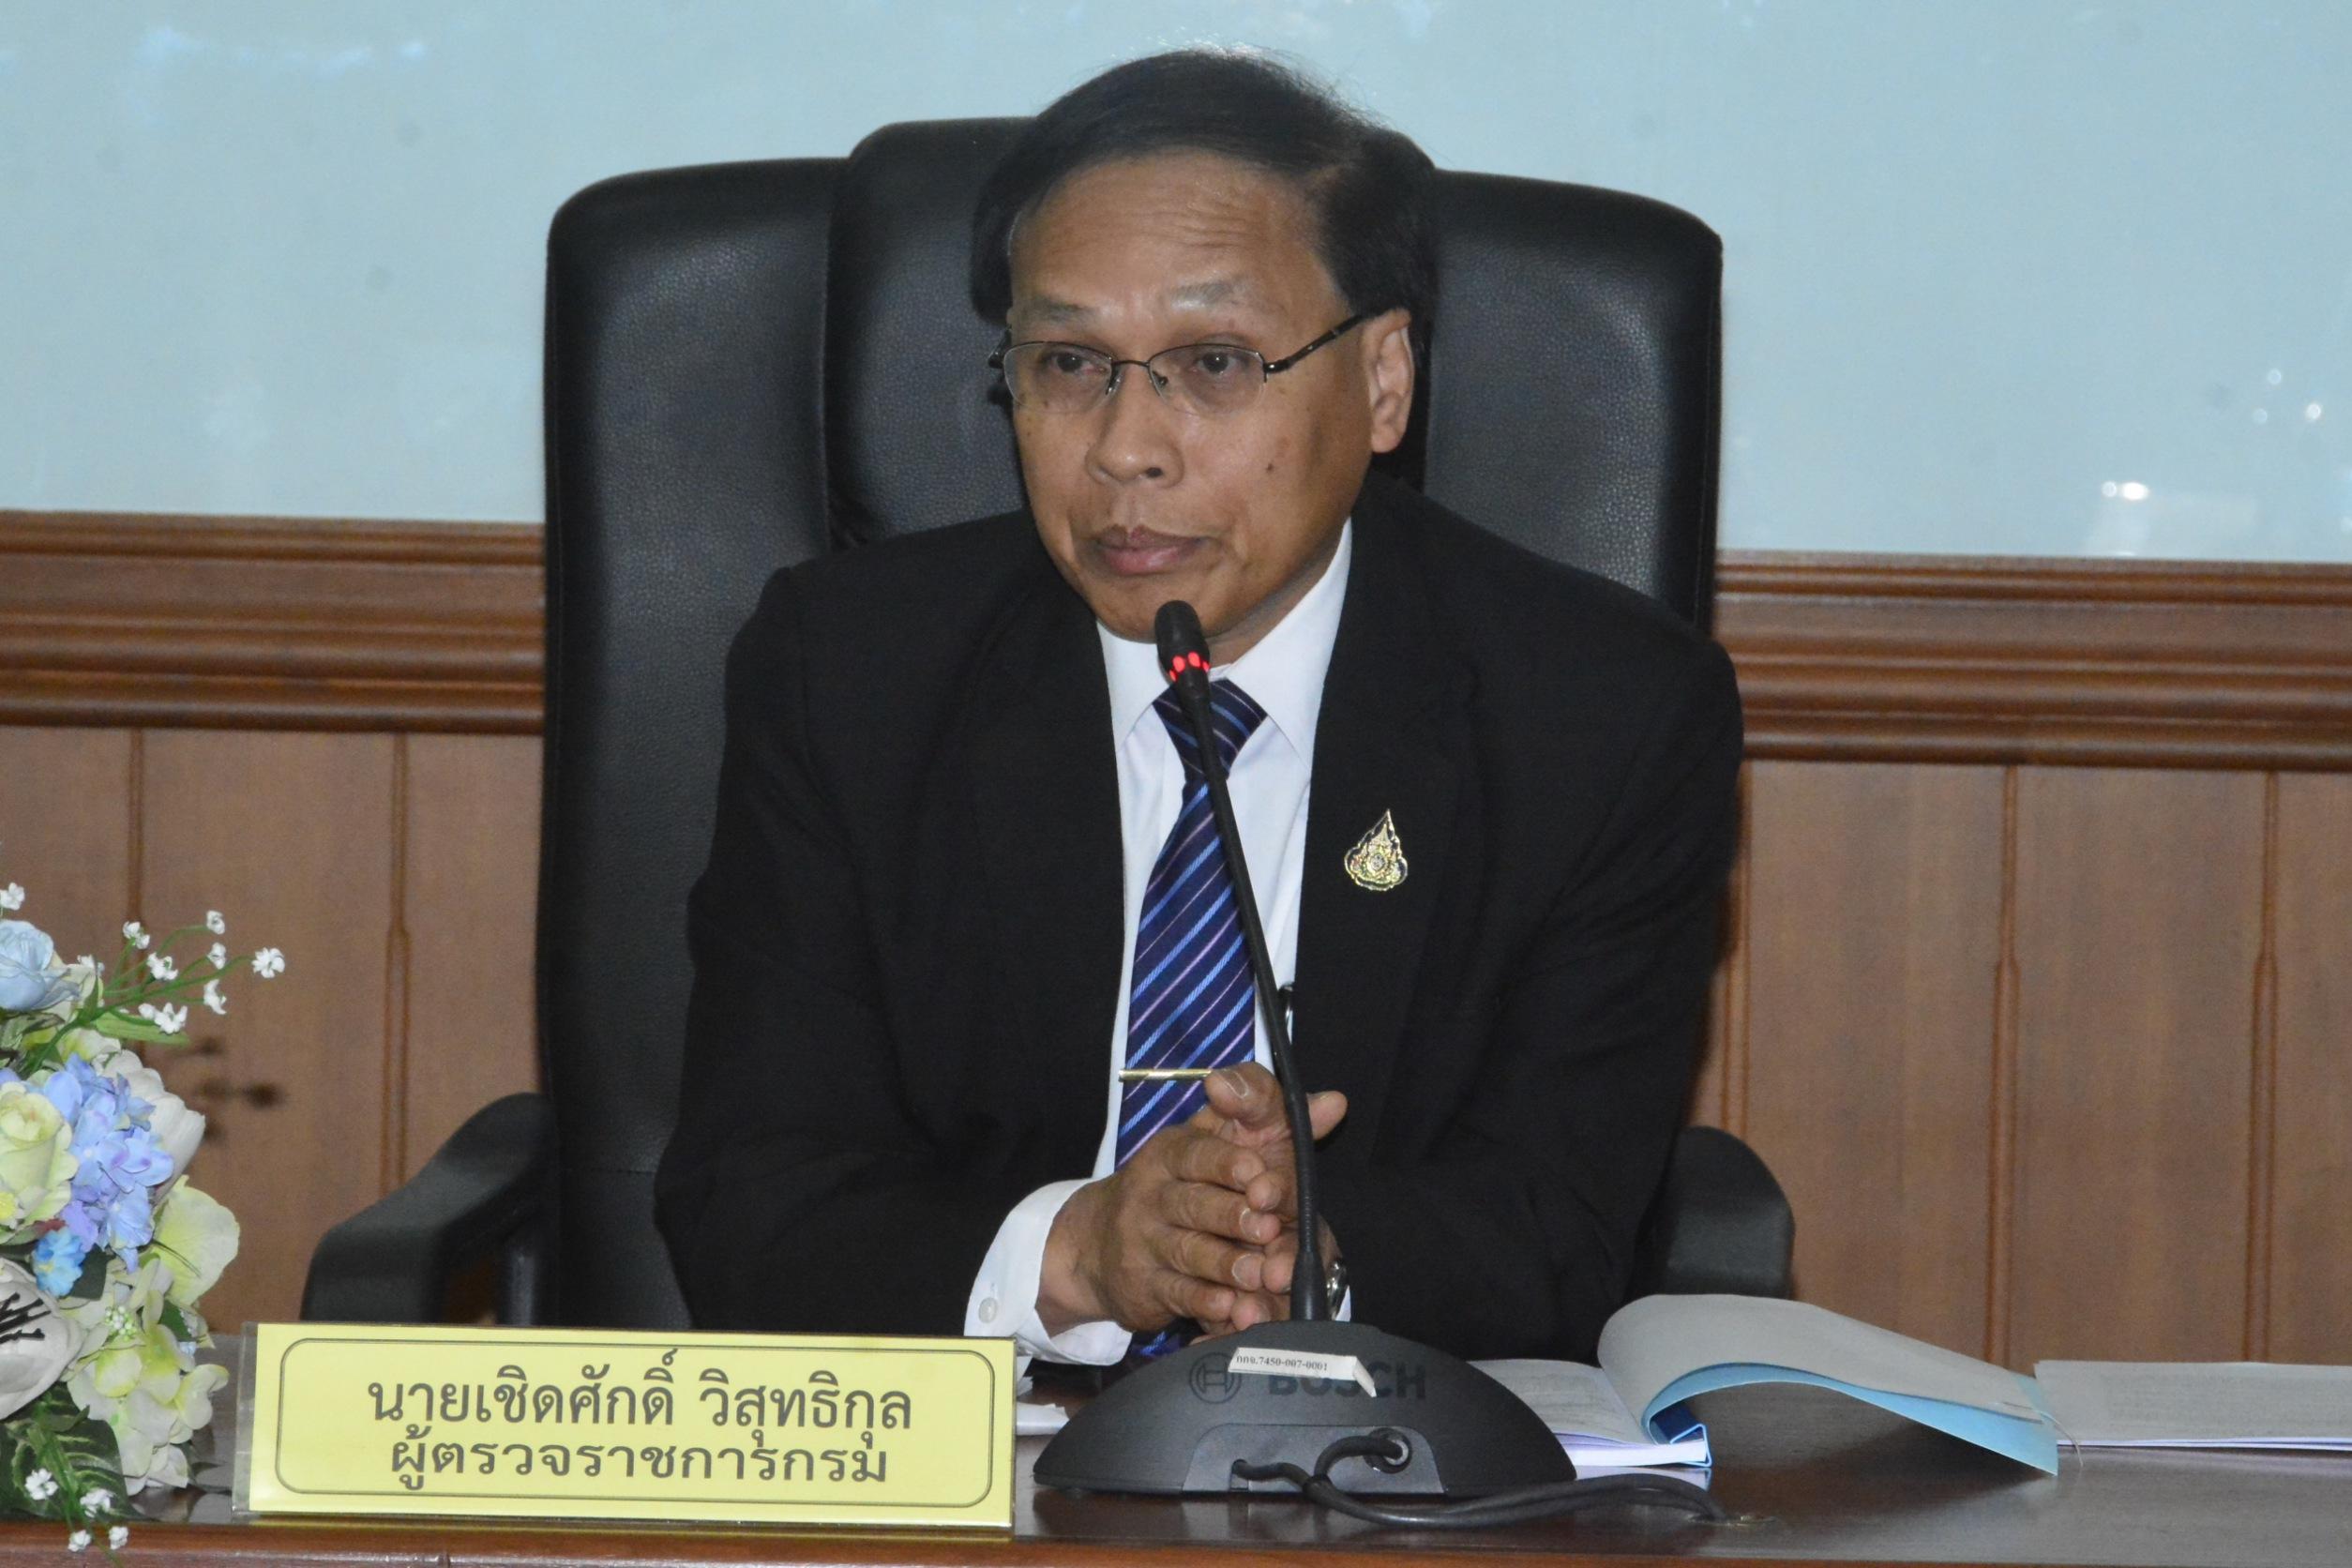 ผู้ตรวจราชการกรม ประชุมกำหนดแนวทางการบริหารจัดการแรงงานต่างด้าว ฯ